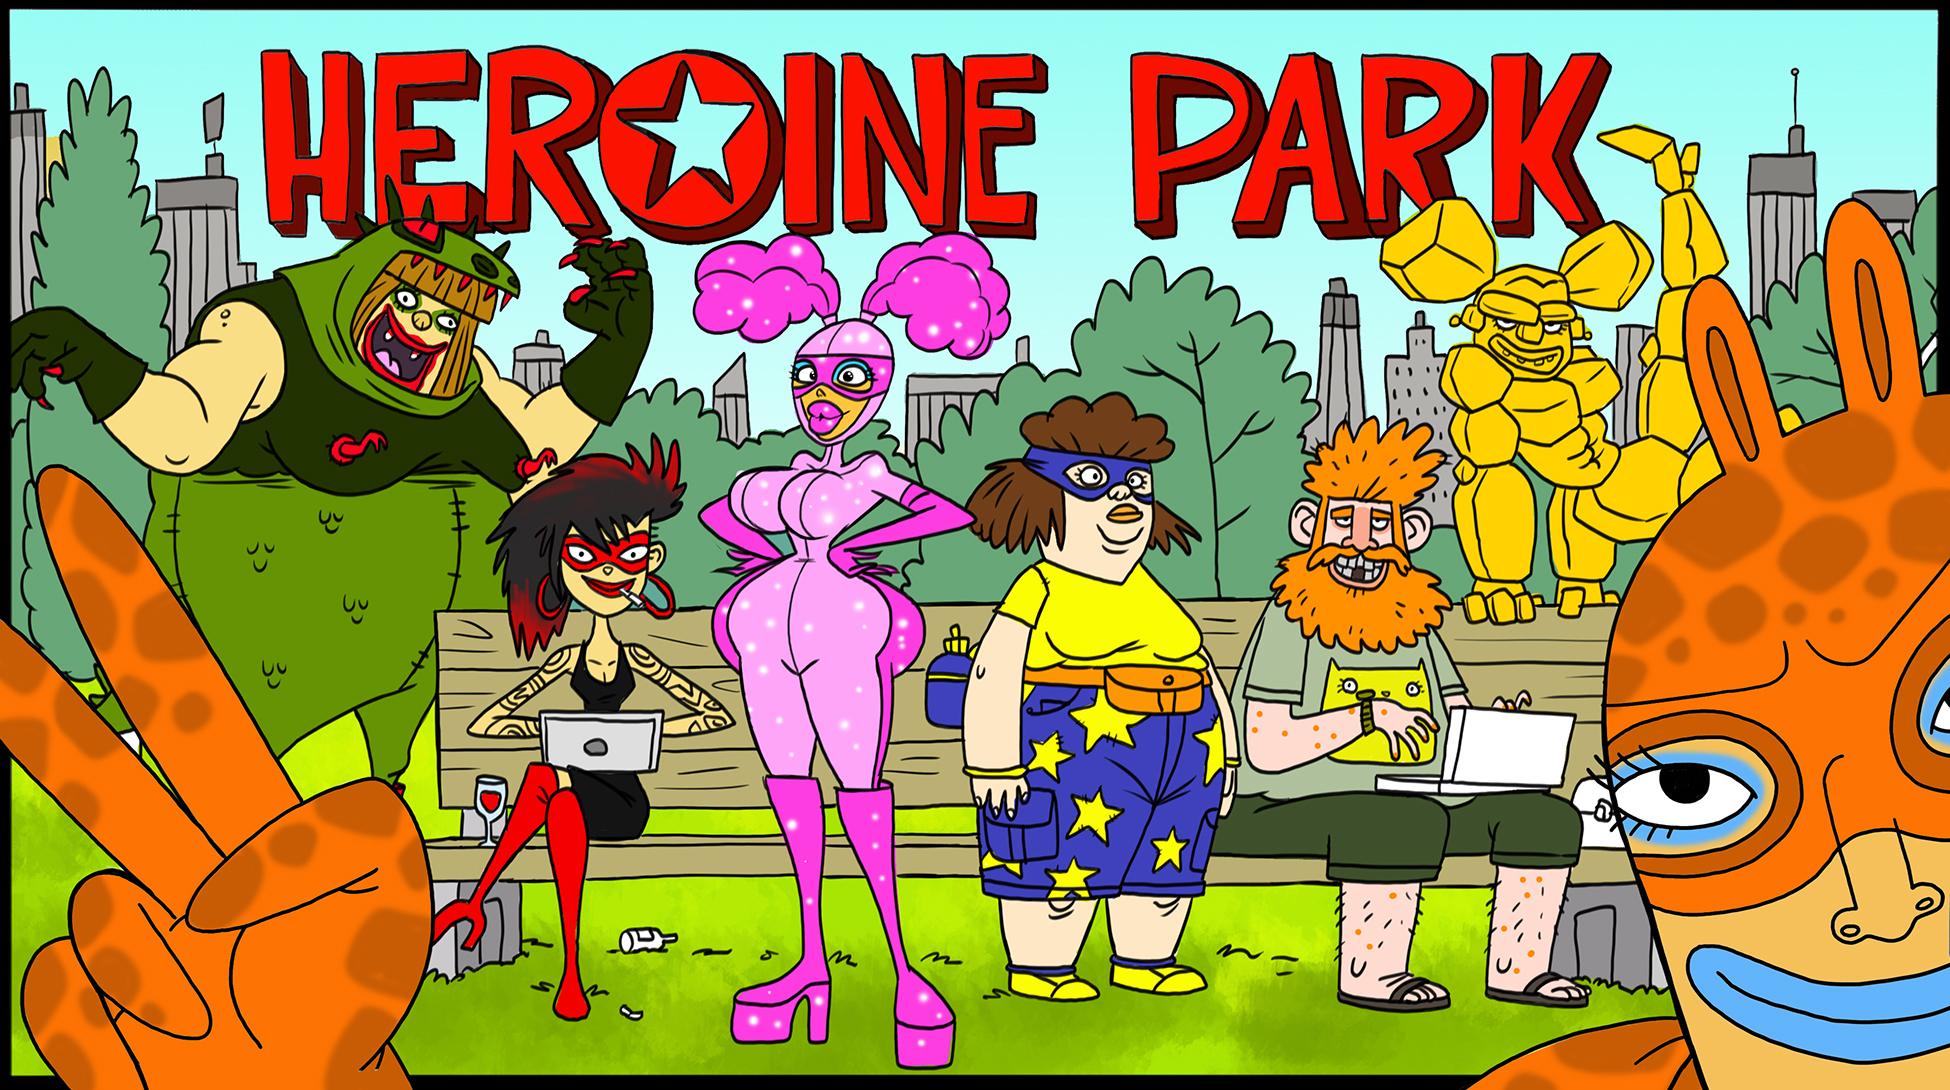 Flying Kraken Original Primetime Comedy Series